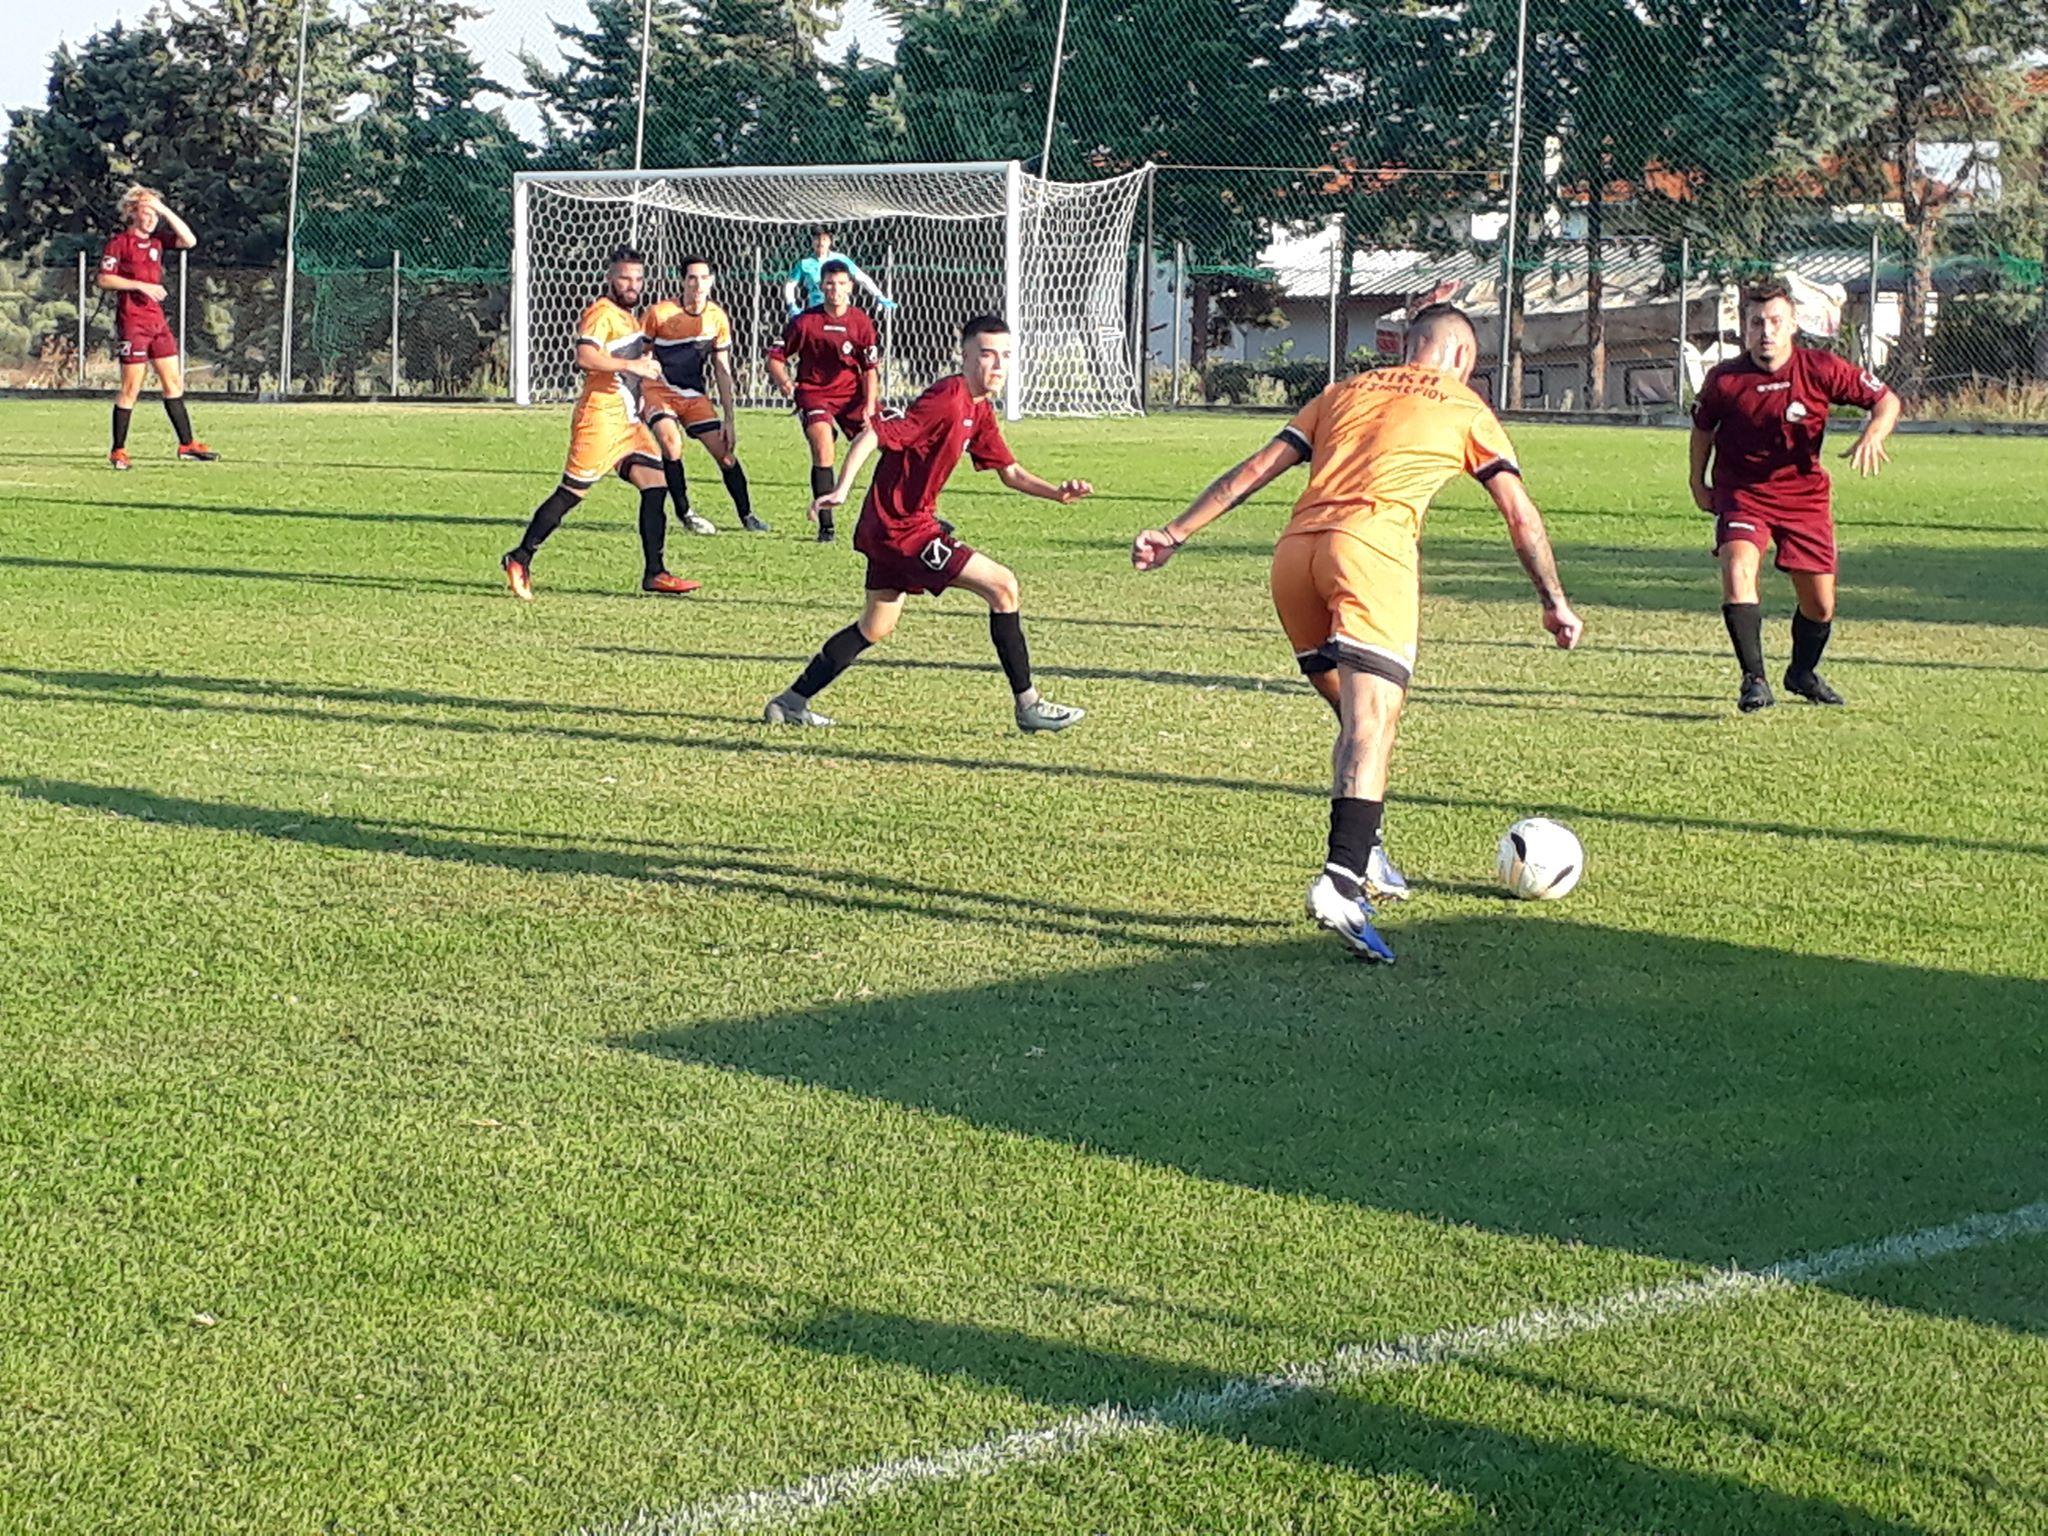 Φιλικό: Αφηνίασε η Νίκη Μεσημερίου, 10-0 (!!!) τον Μελιτέα